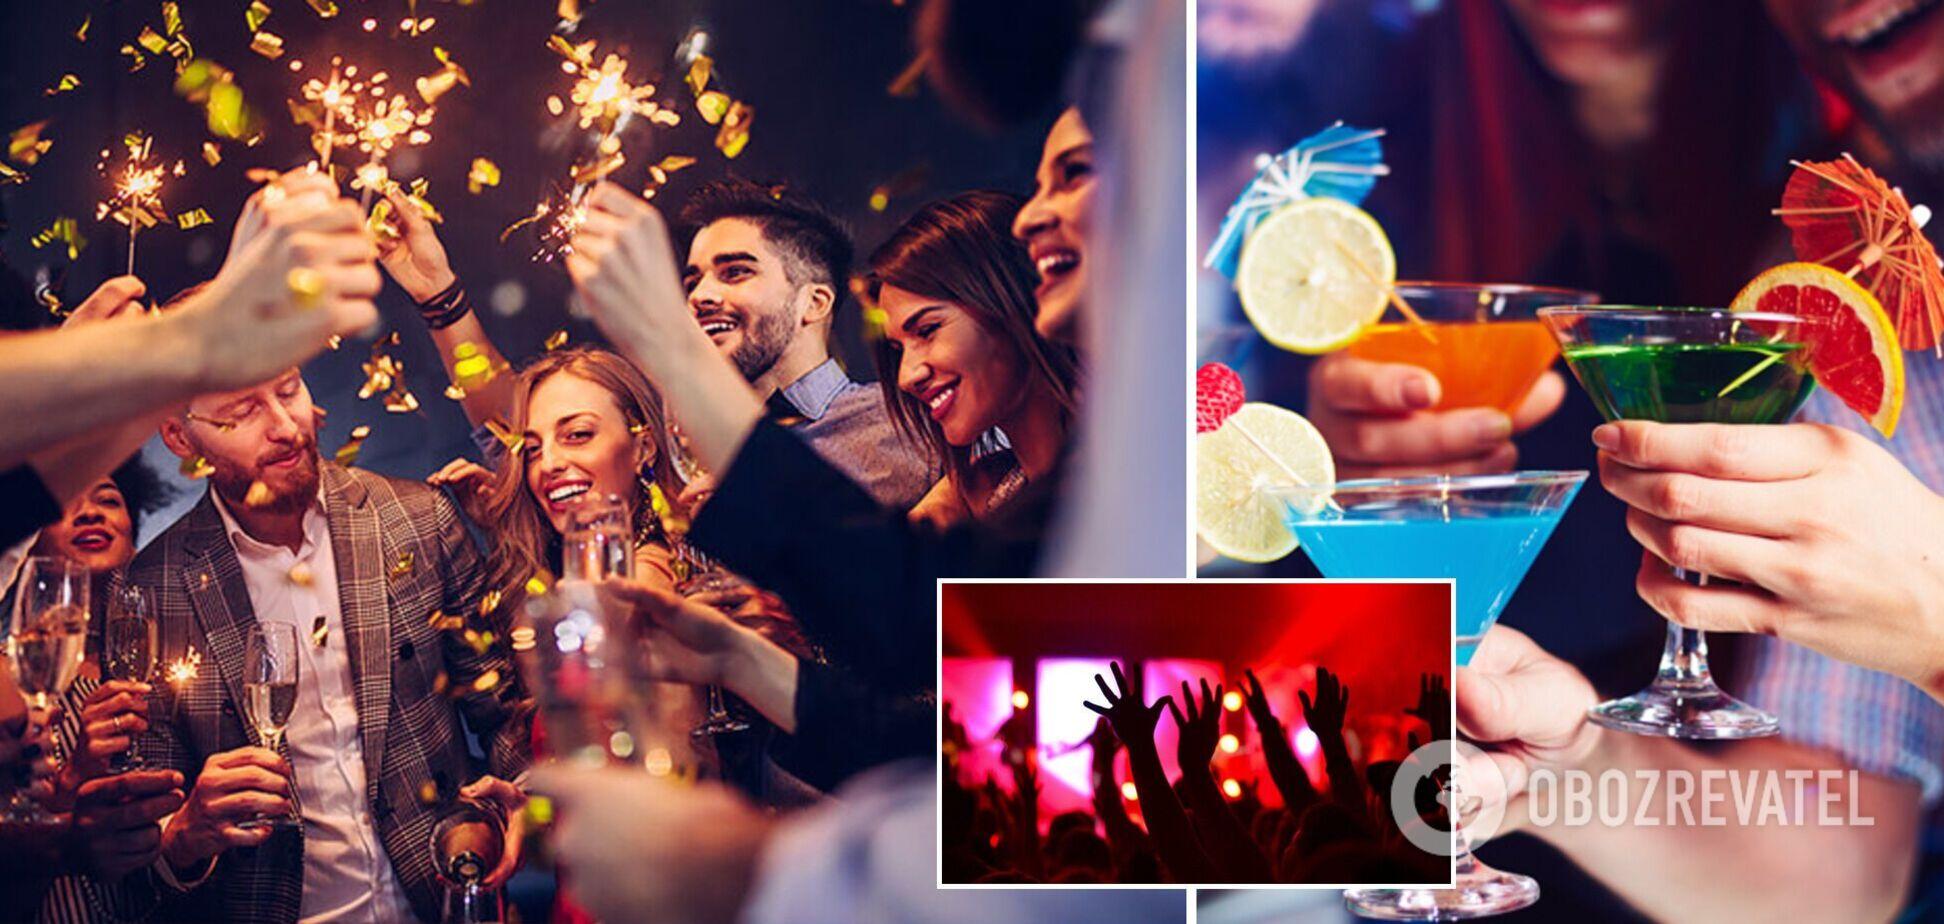 Шість знаків зодіаку, які обожнюють вечірки: можуть гуляти до ранку